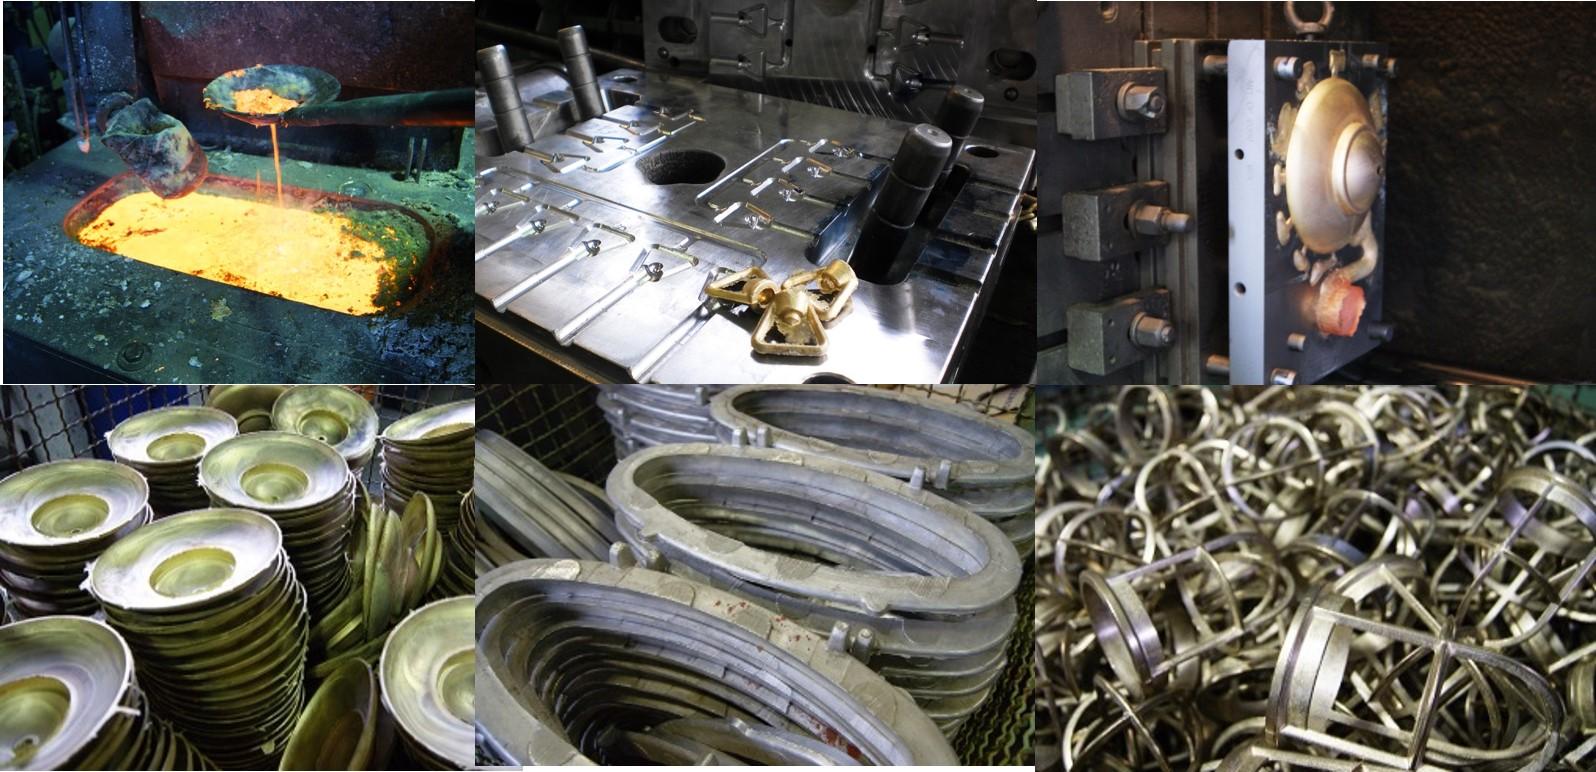 Fonderia ottone, produzione accessori nautici e illuminazione